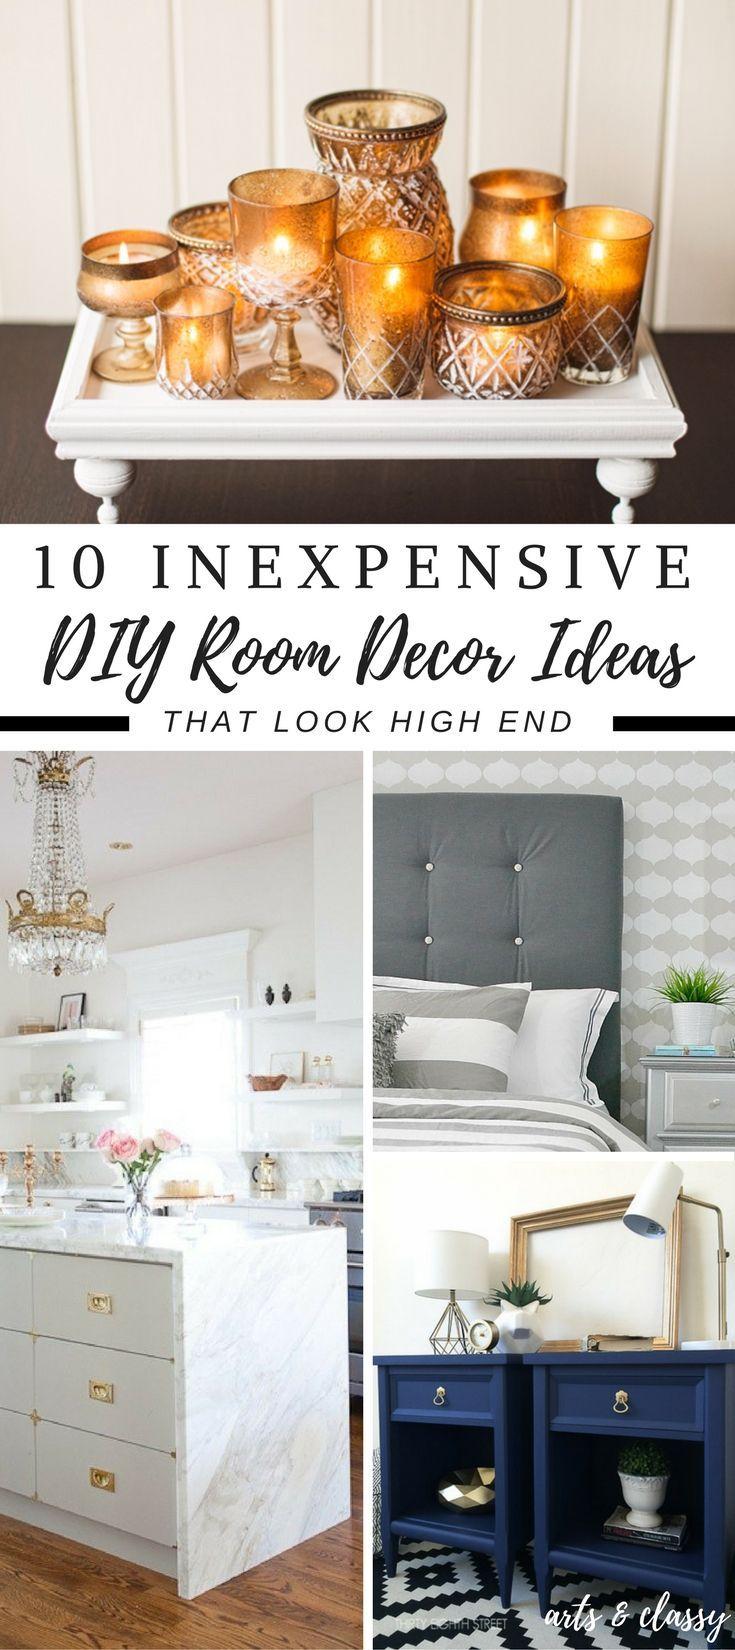 Diy Home Decor Ideas Facebook